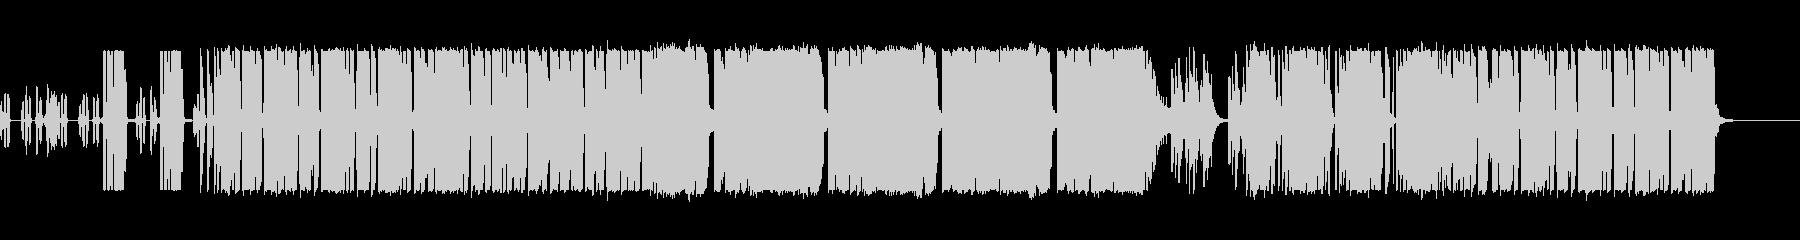 怪しい雰囲気の謎風ダブステップの未再生の波形